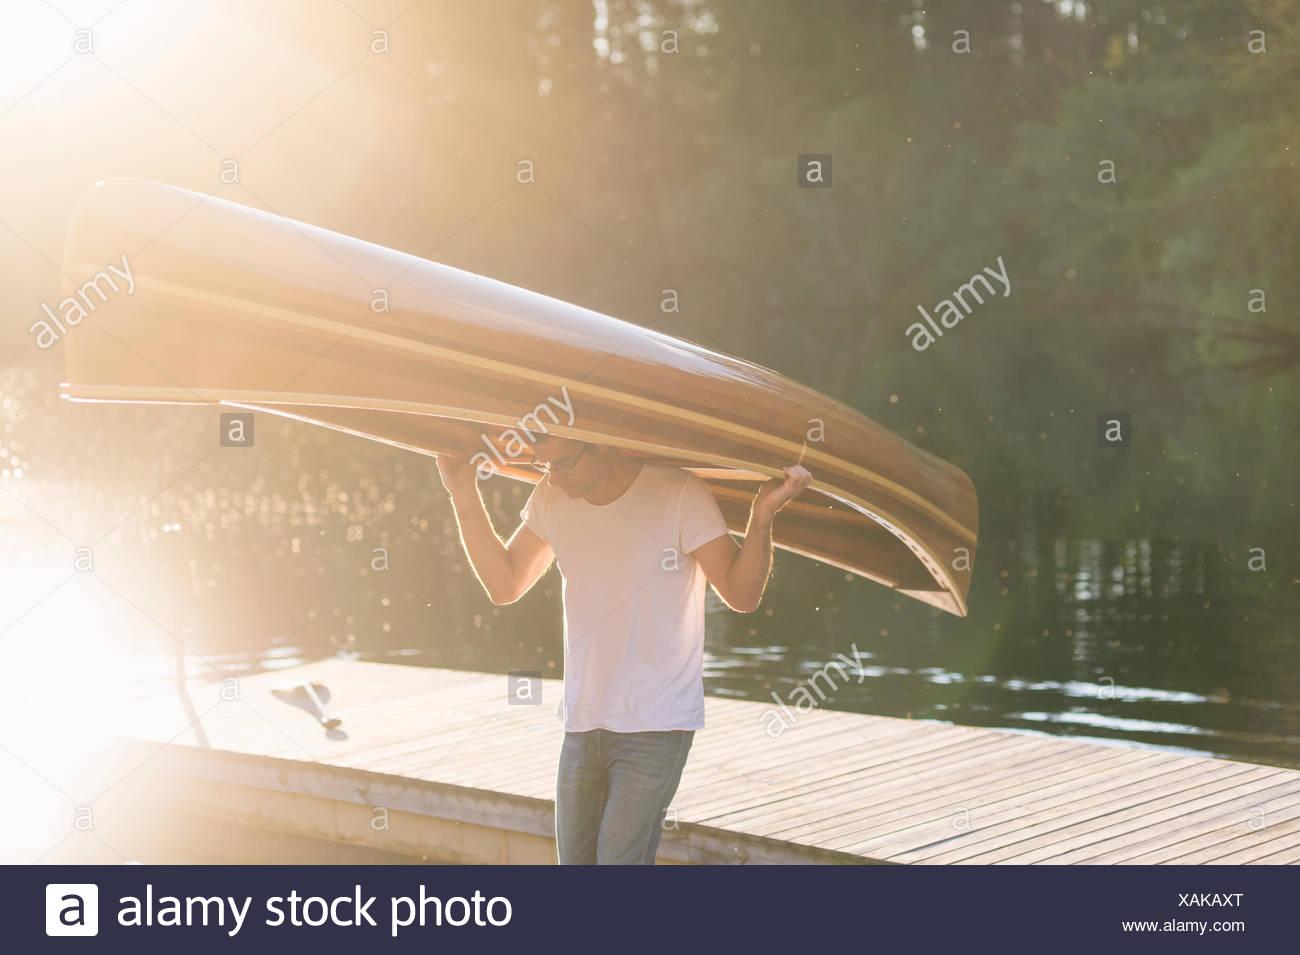 Sweden, Vastmanland, Hallefors, Bergslagen, Man carrying wooden rowboat on head - Stock Image